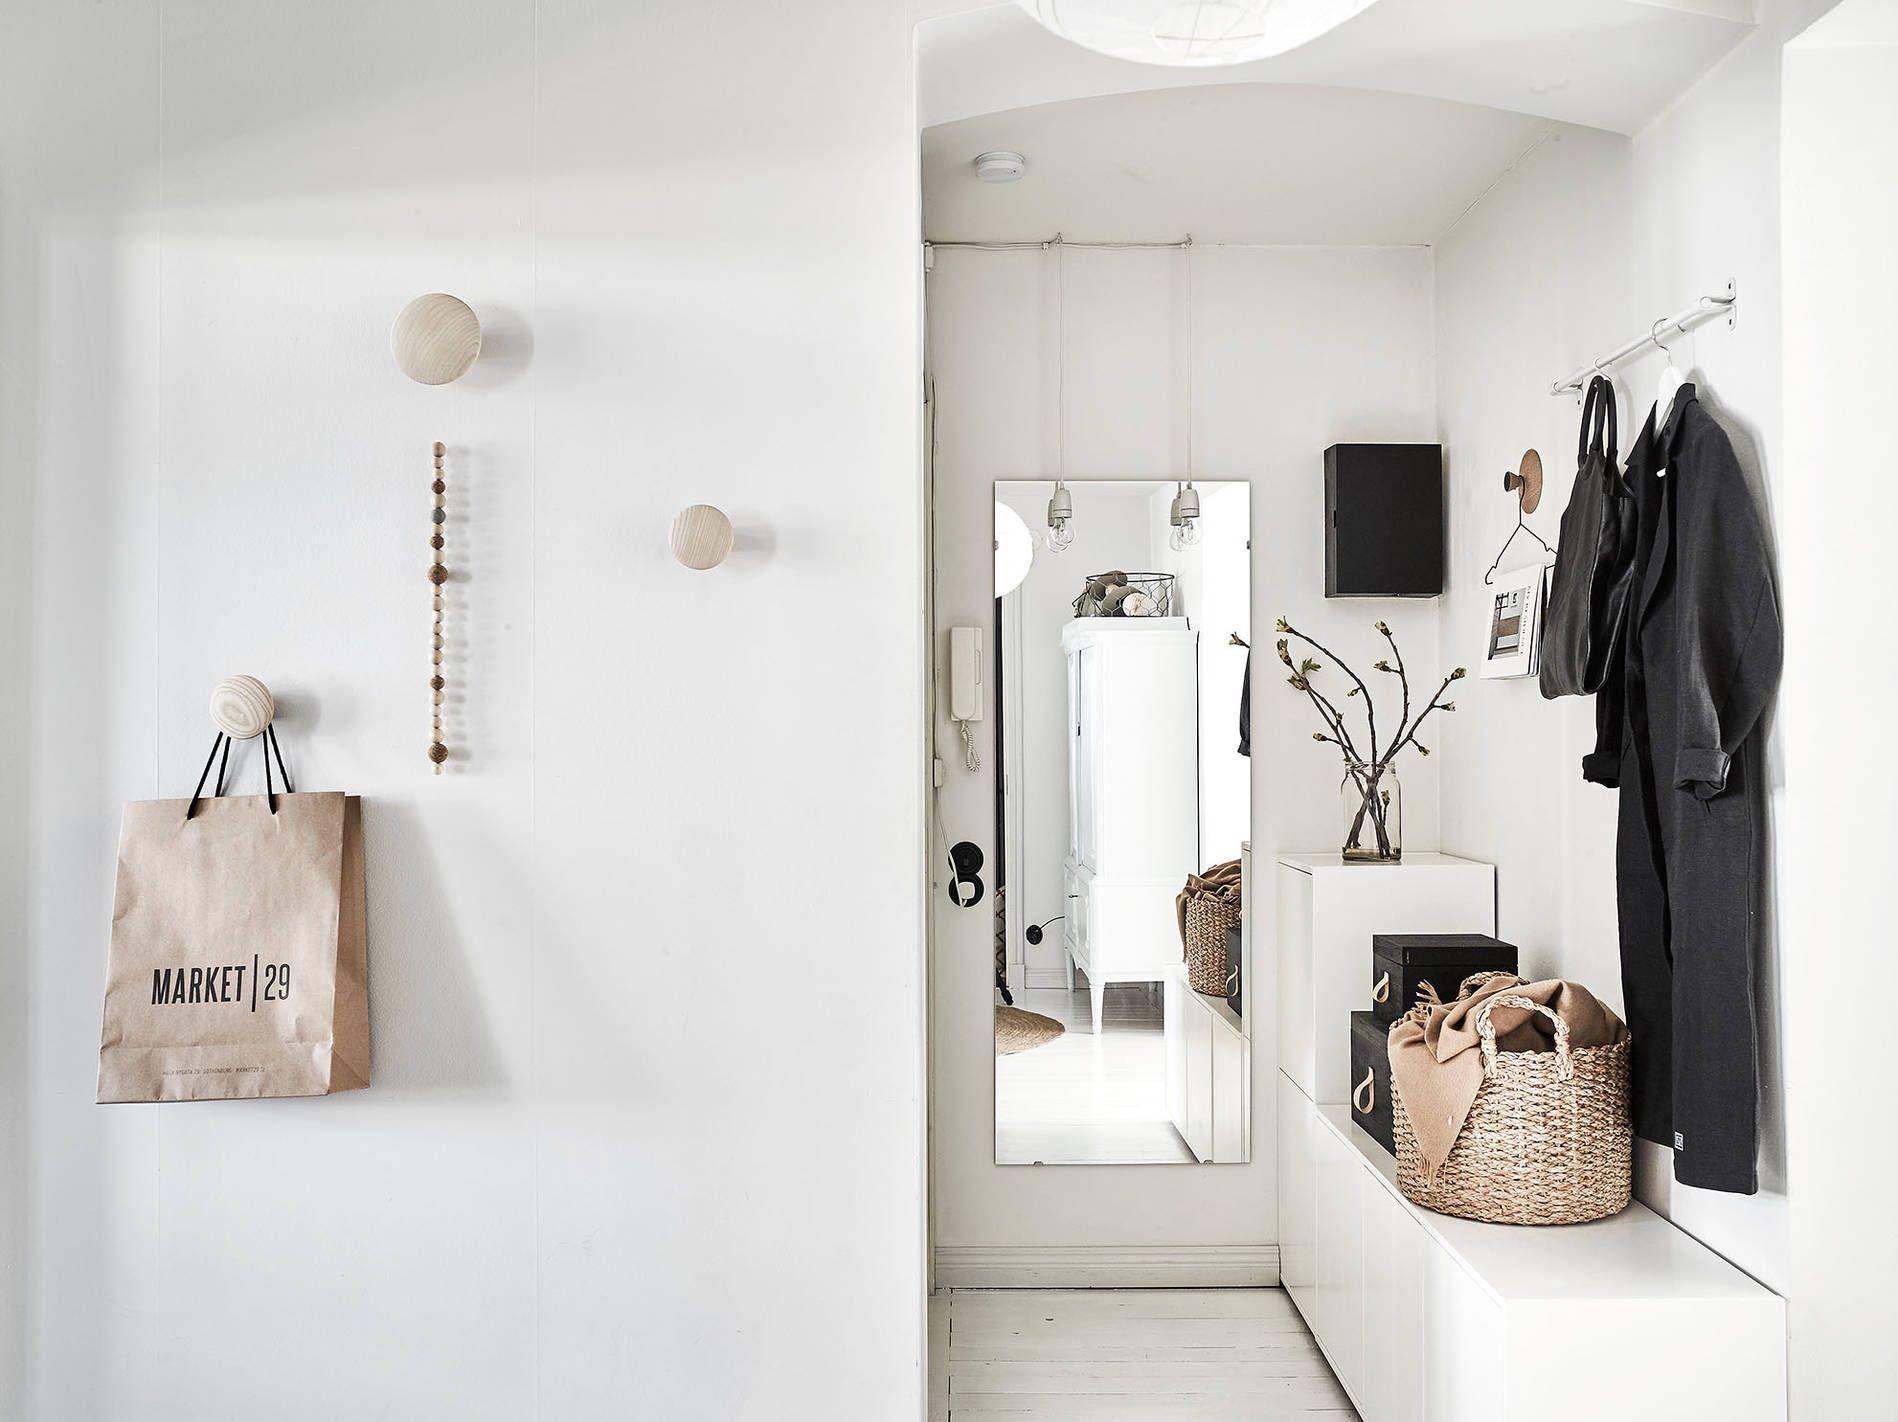 Hallway furniture habitat  Une entrée scandinave  maison déco scandinave entrée